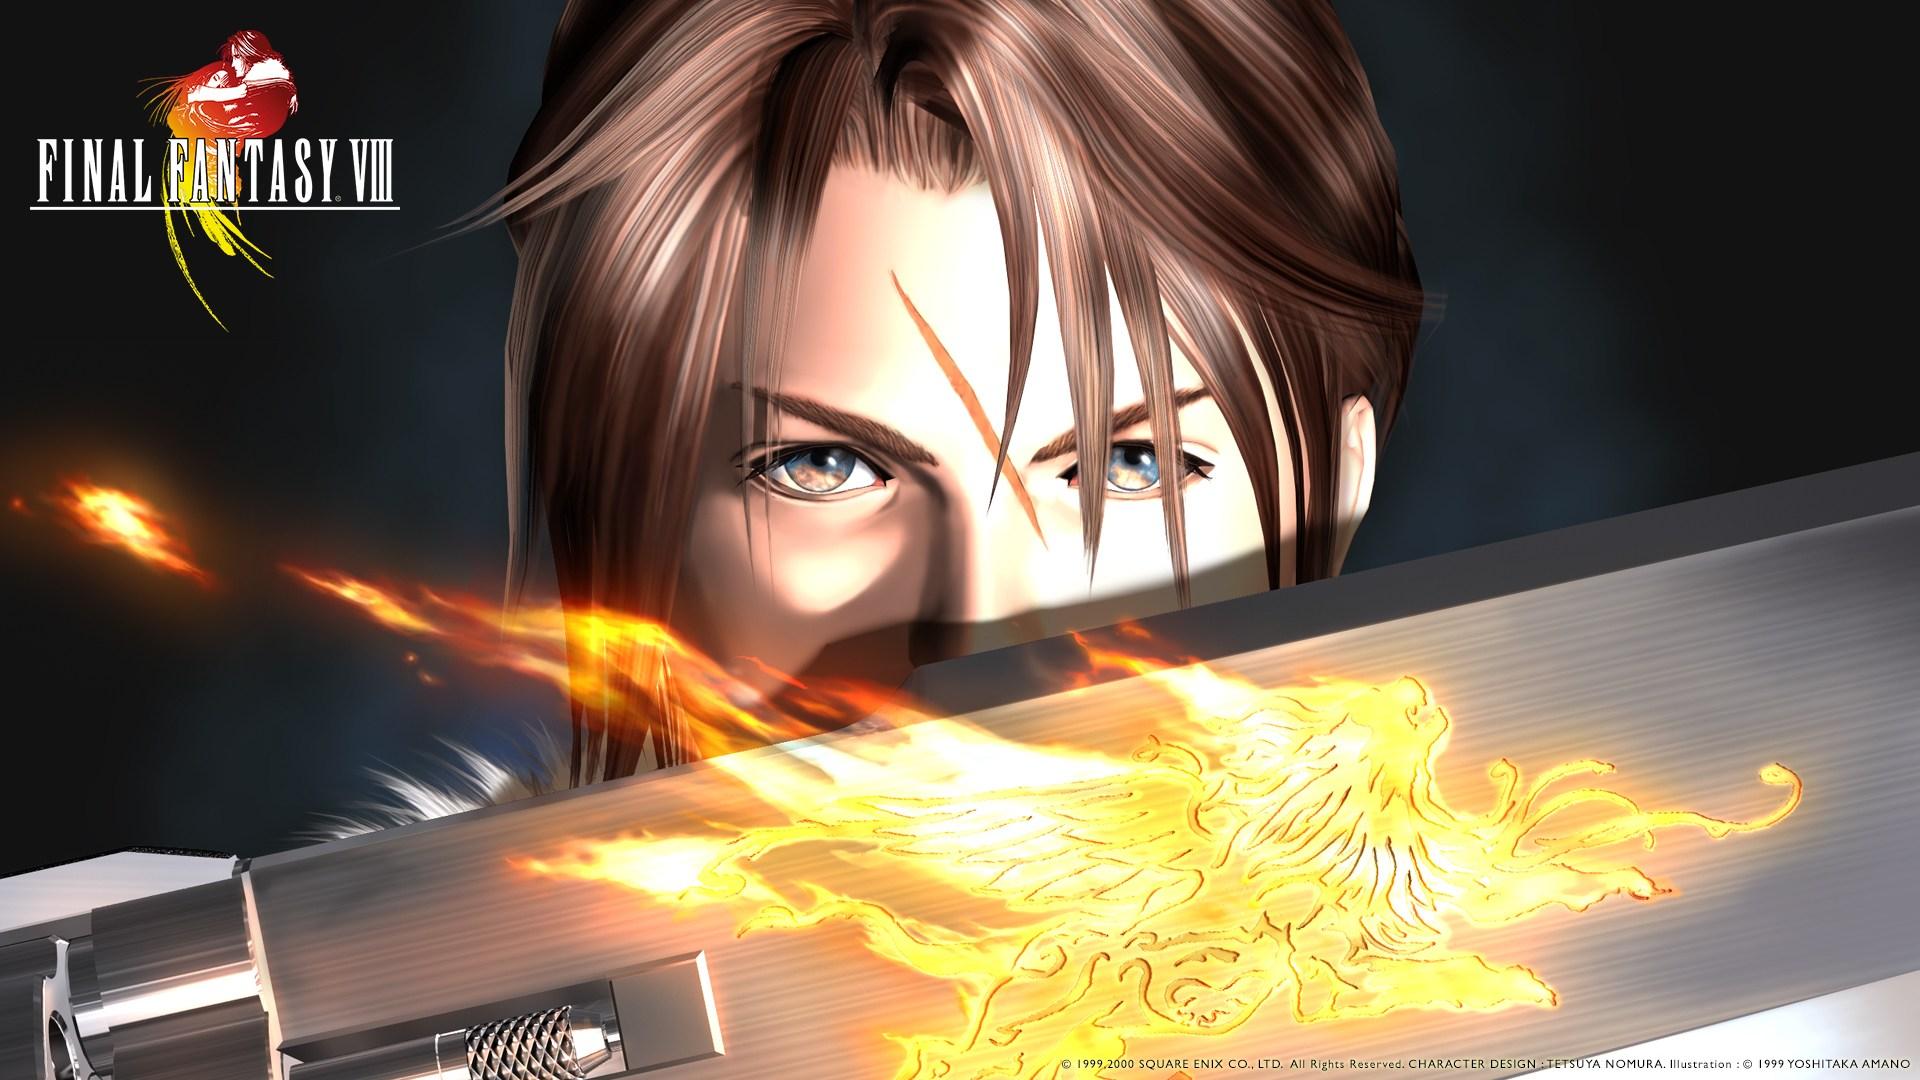 Annunciato Final Fantasy VIII Remastered per PS4, Xbox One, Steam e Nintendo Switch!